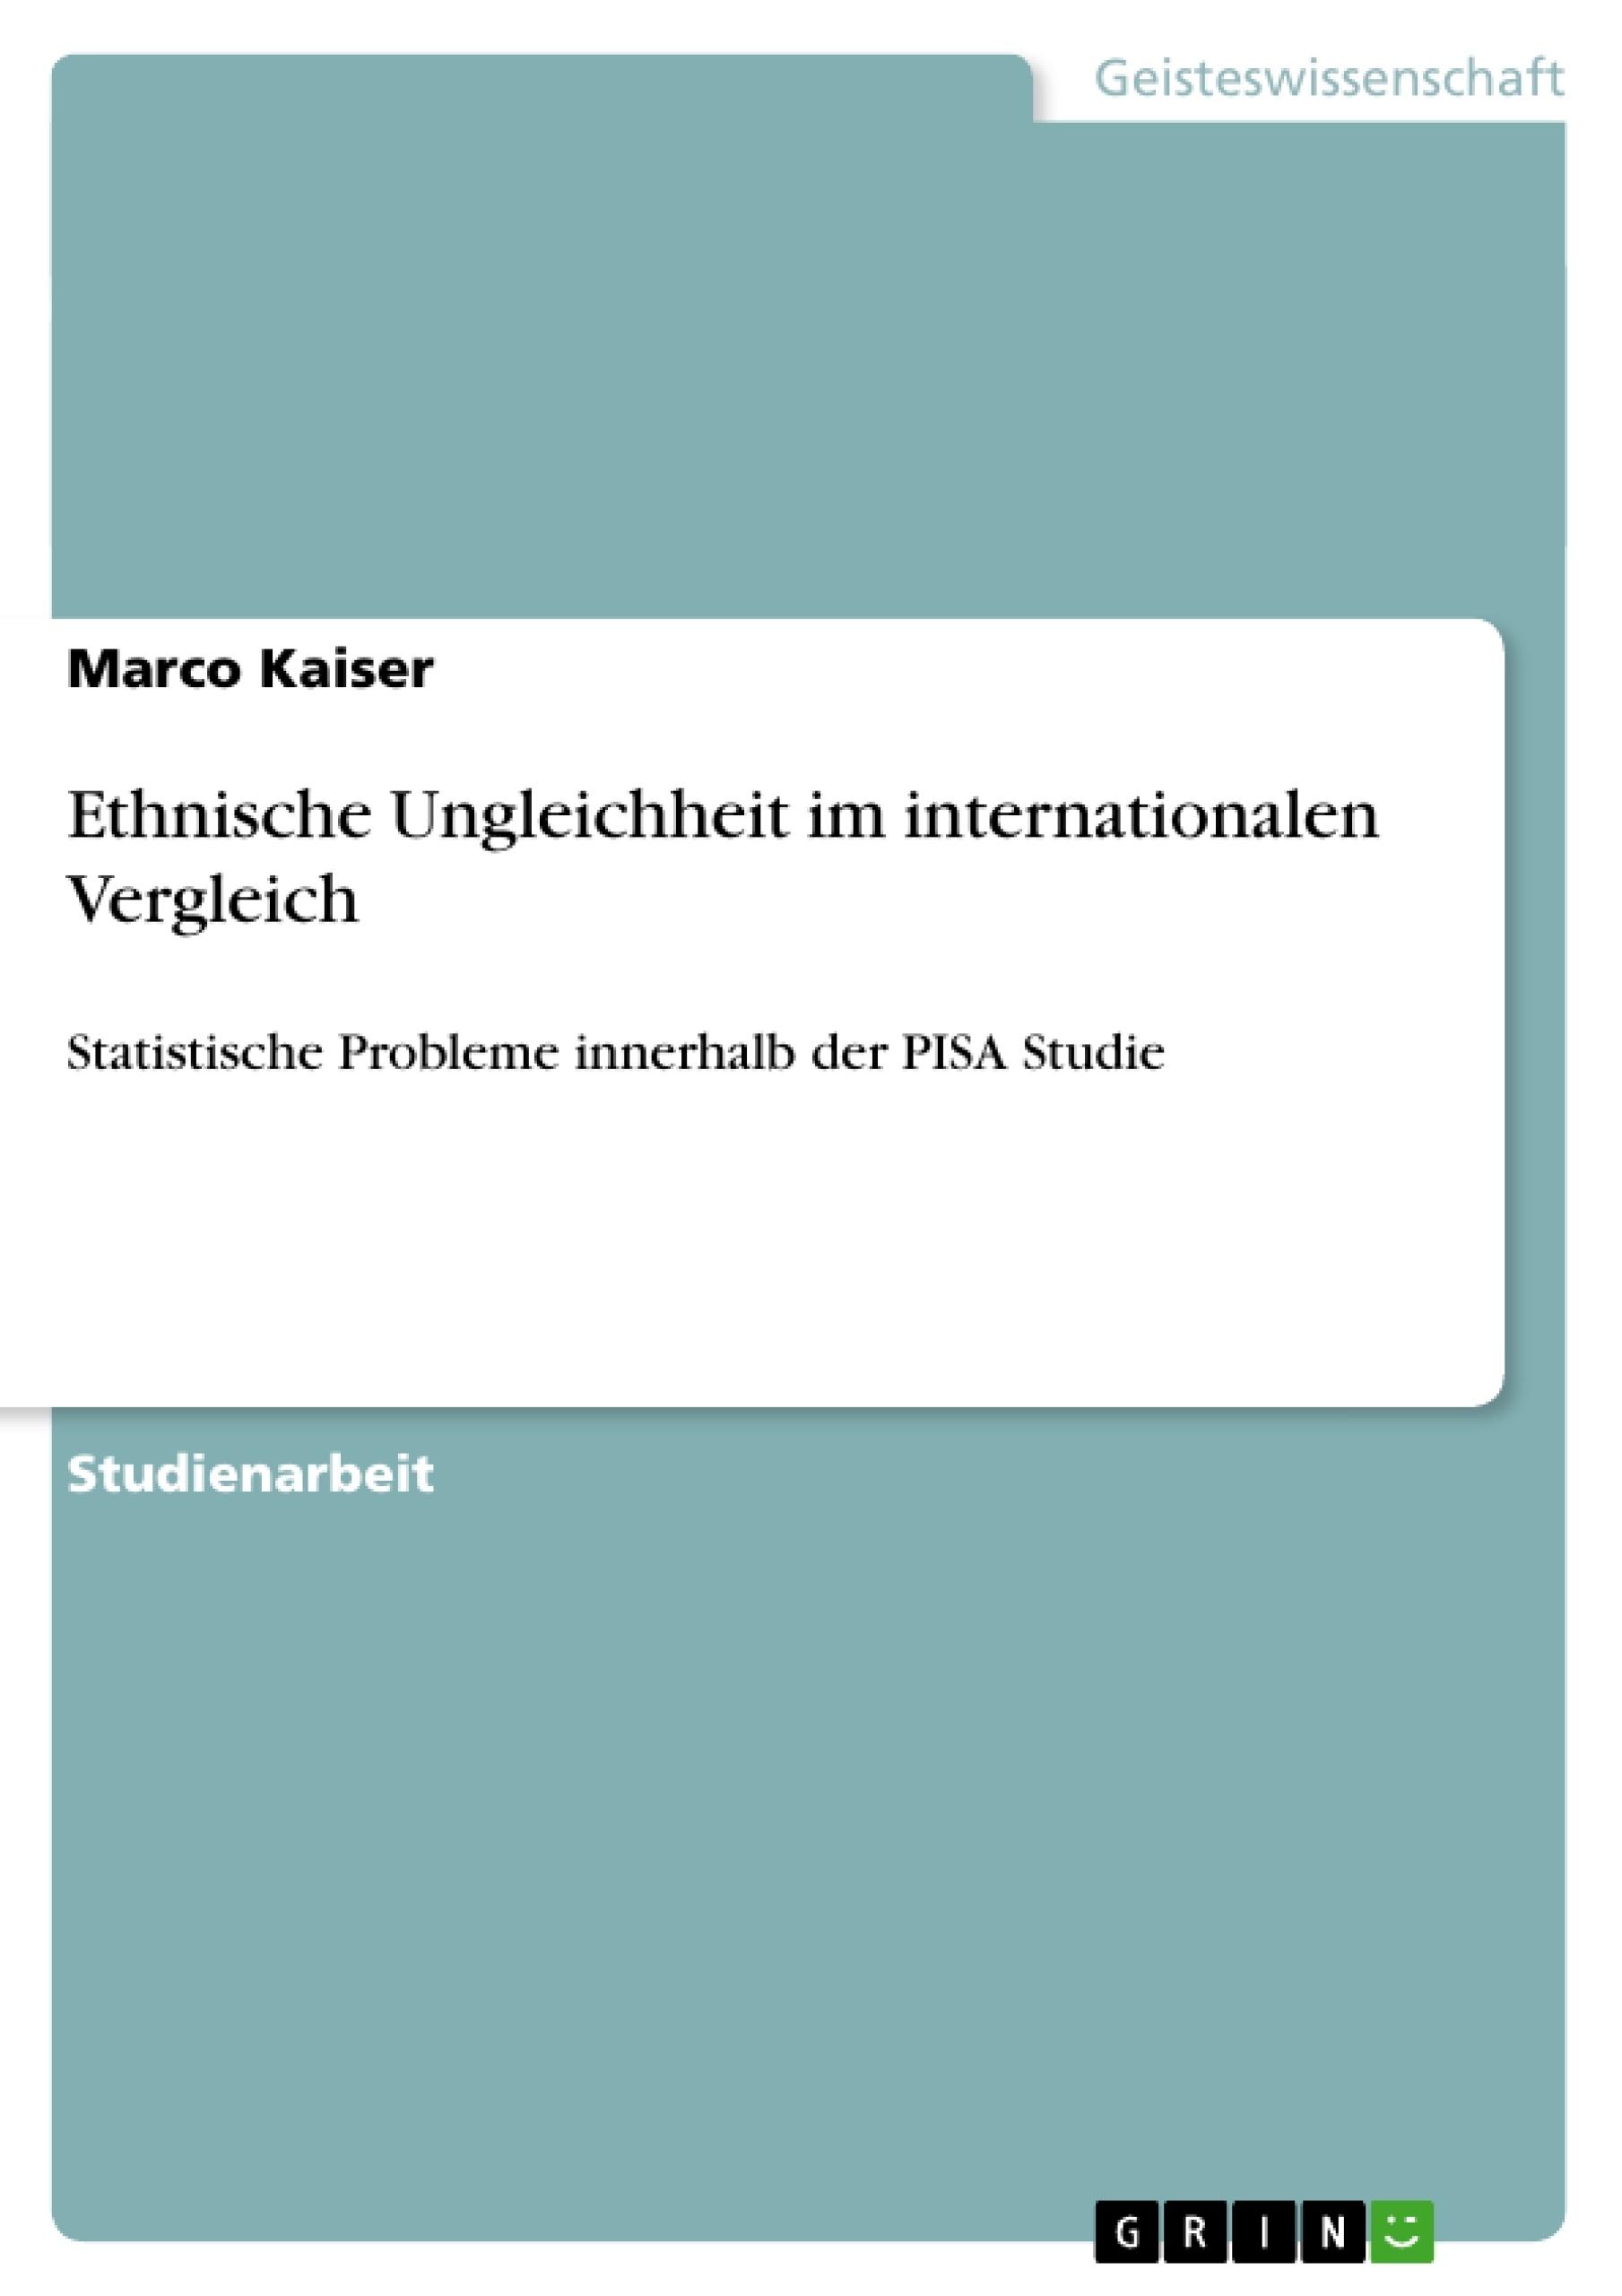 Titel: Ethnische Ungleichheit im internationalen Vergleich